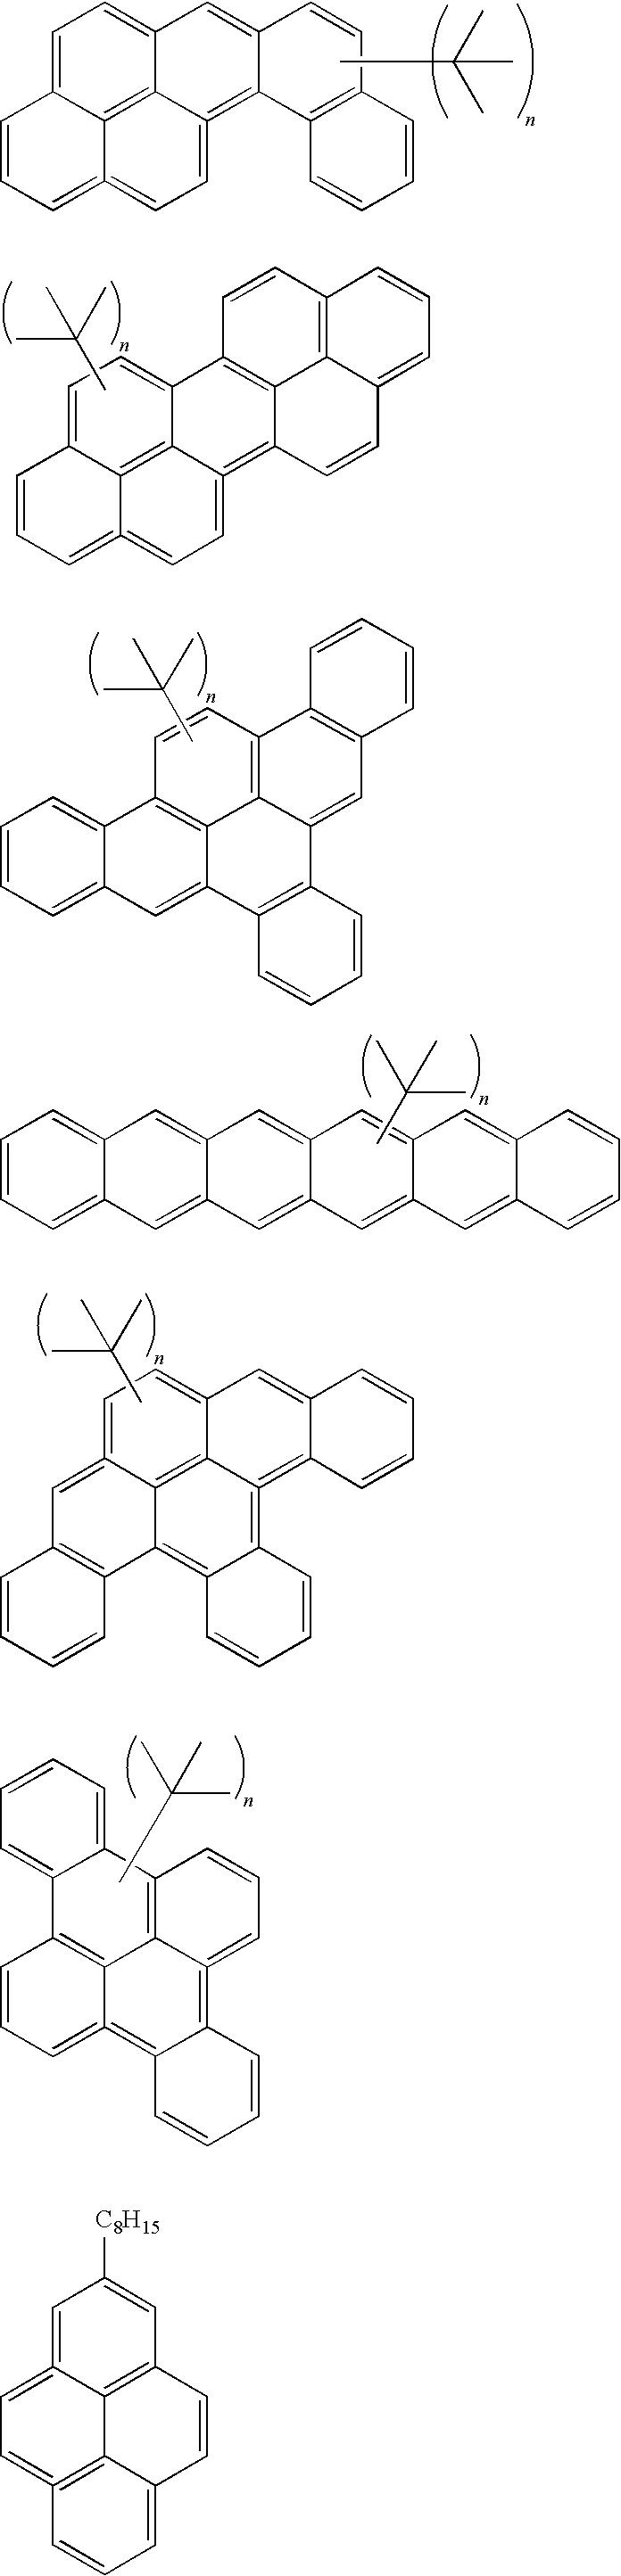 Figure US07528542-20090505-C00026